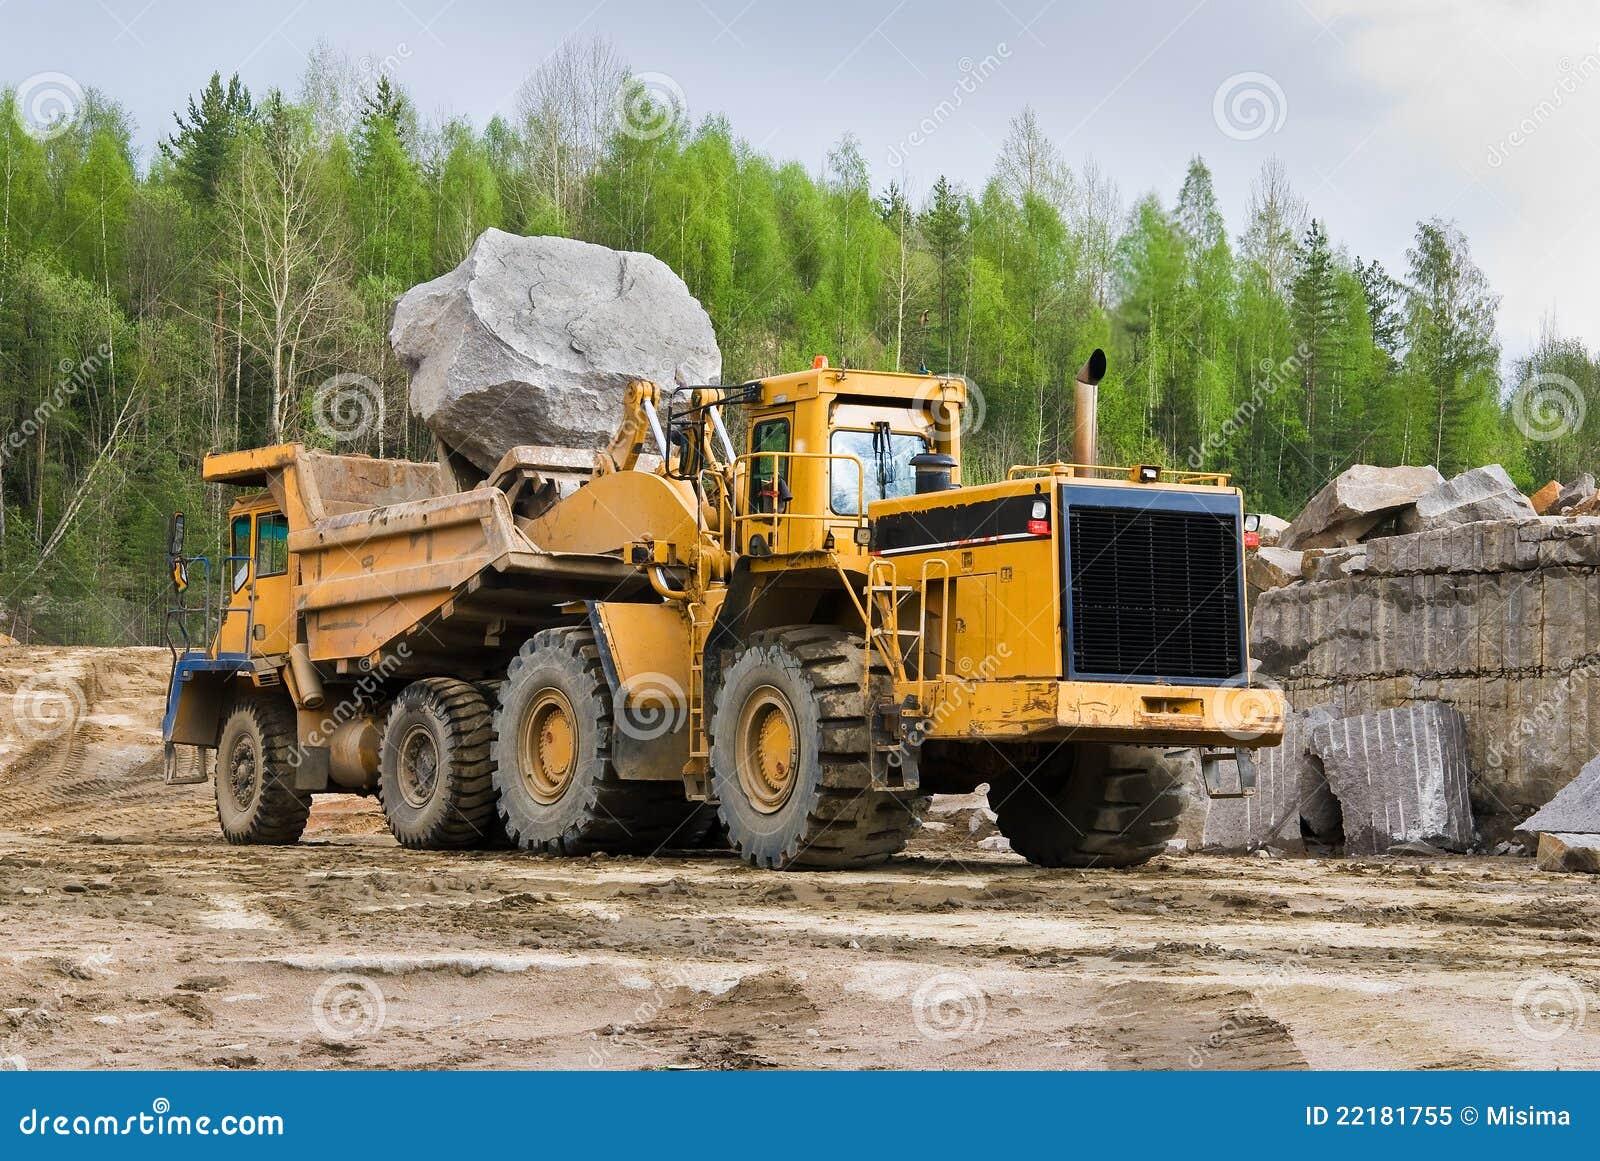 όχημα ανασκαφής απορρίψεω&